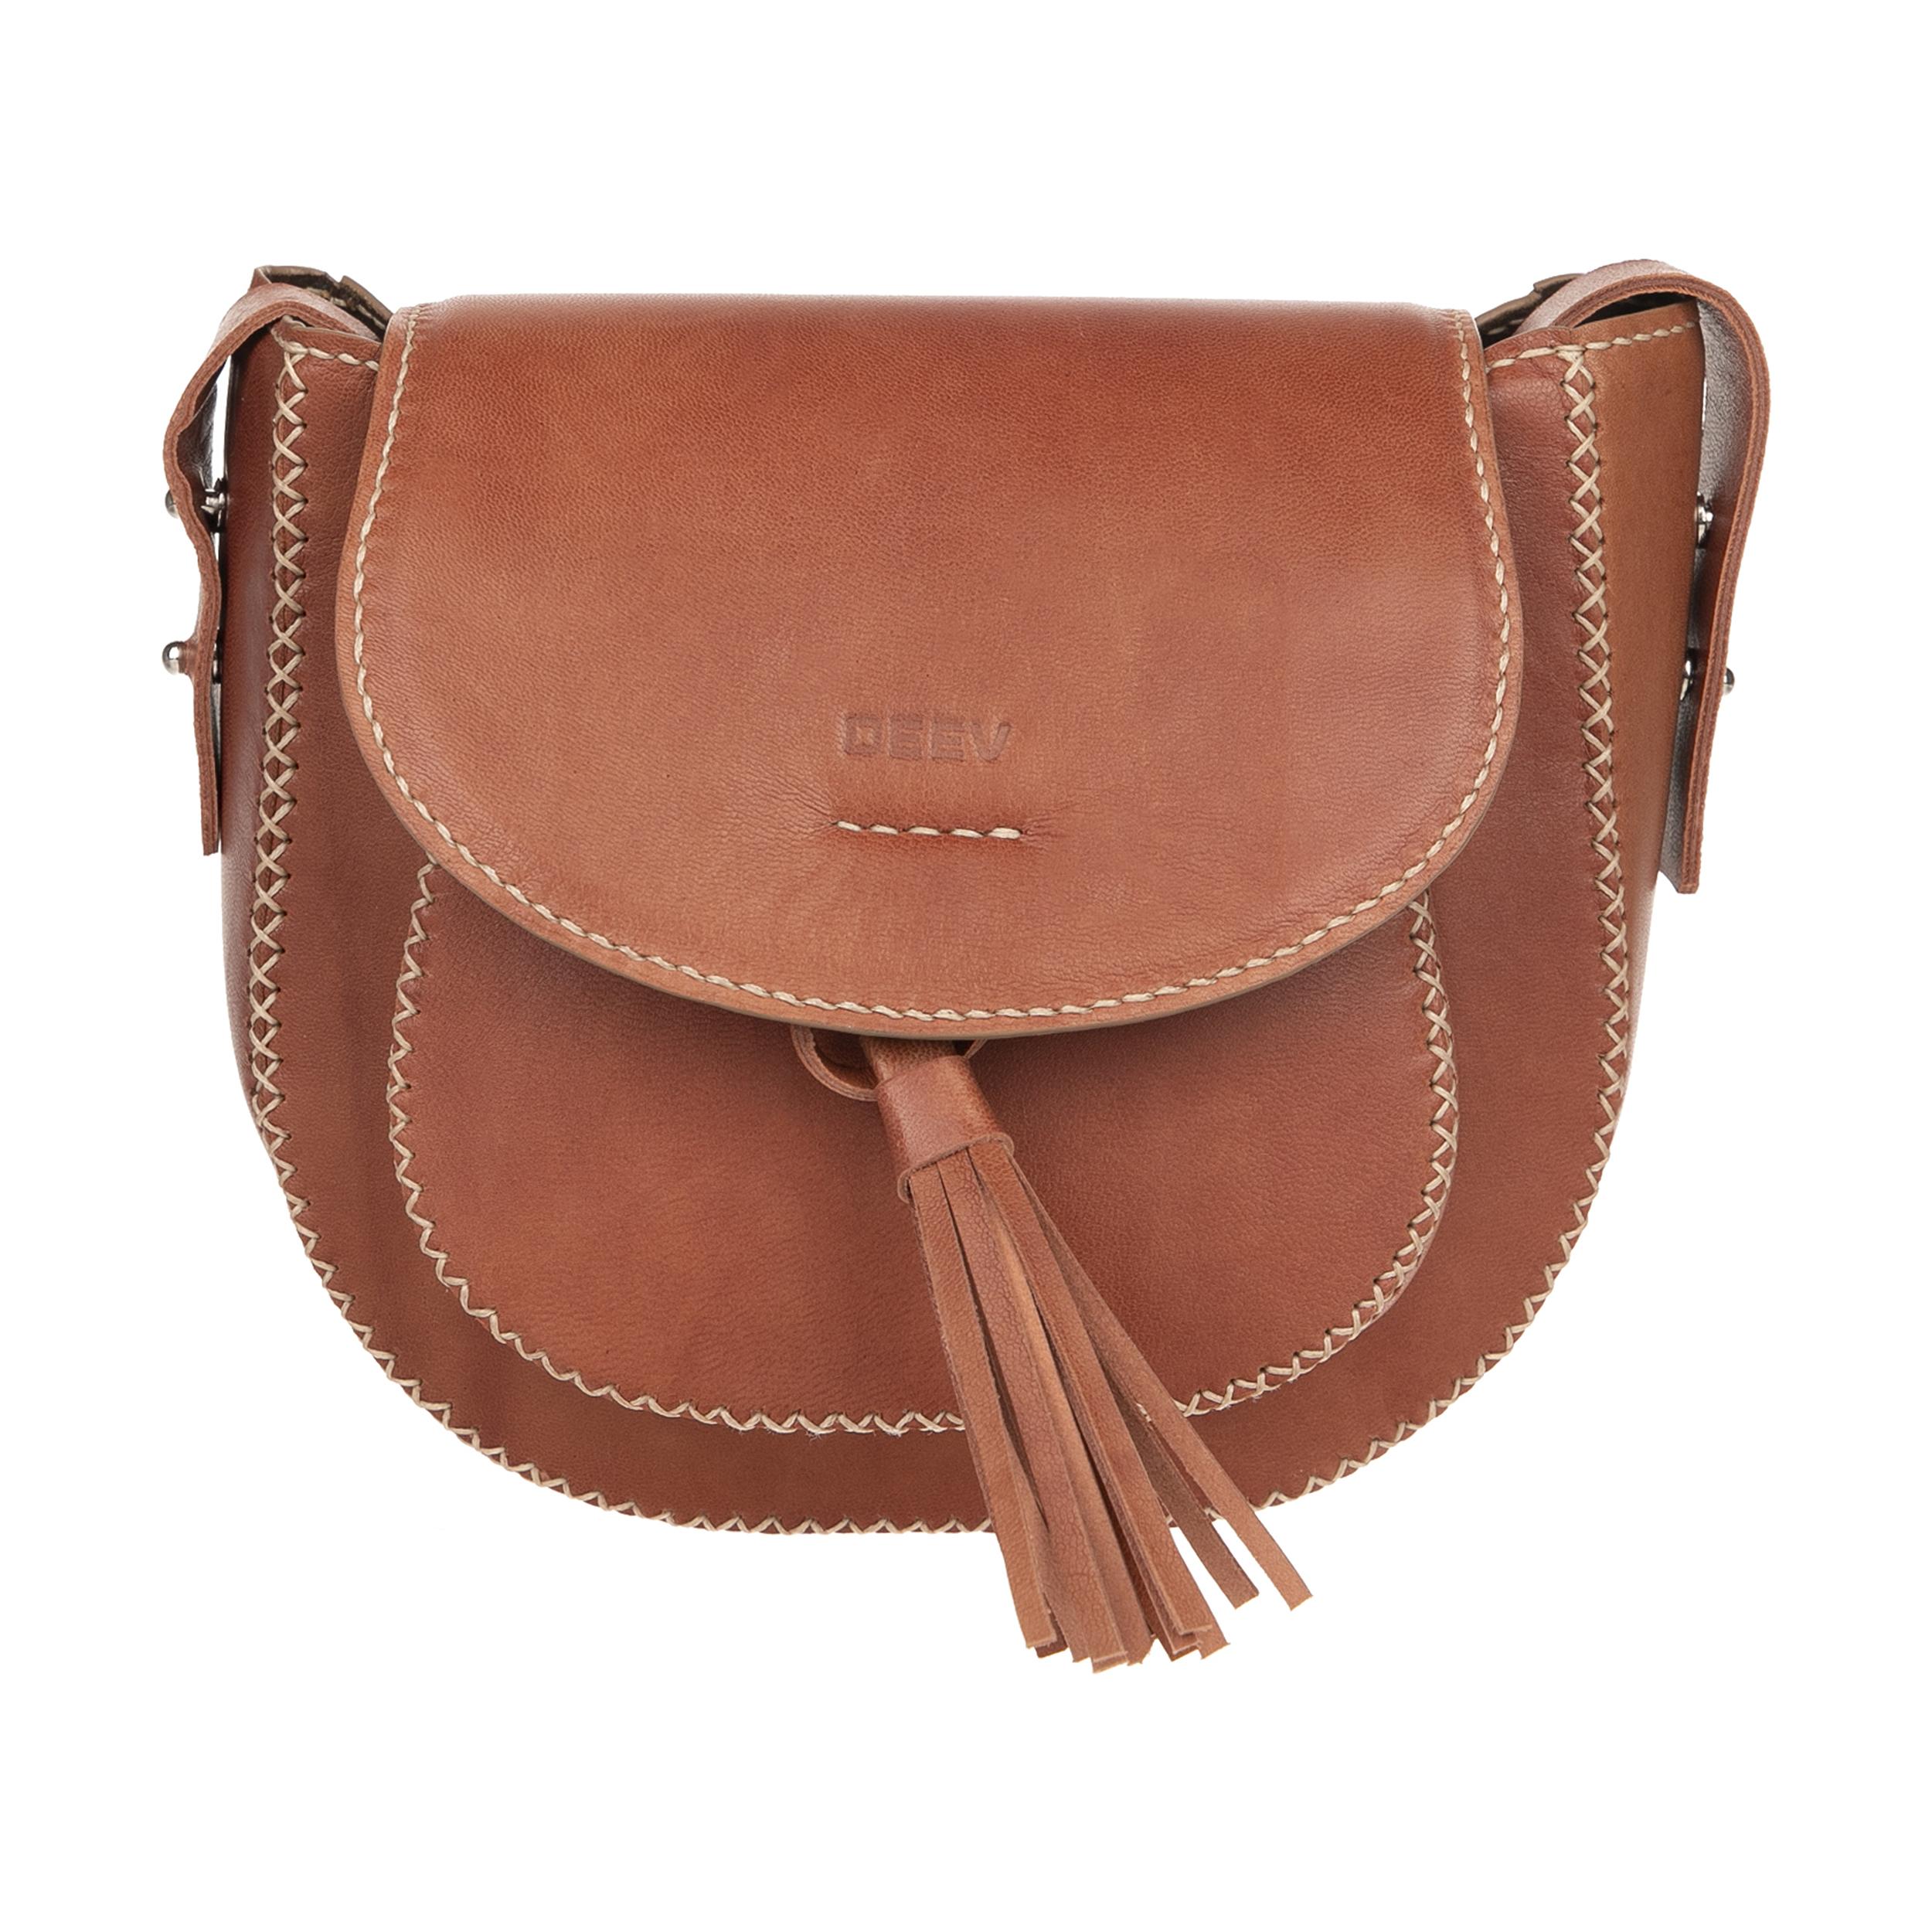 کیف دوشی زنانه دیو مدل 1573105-34